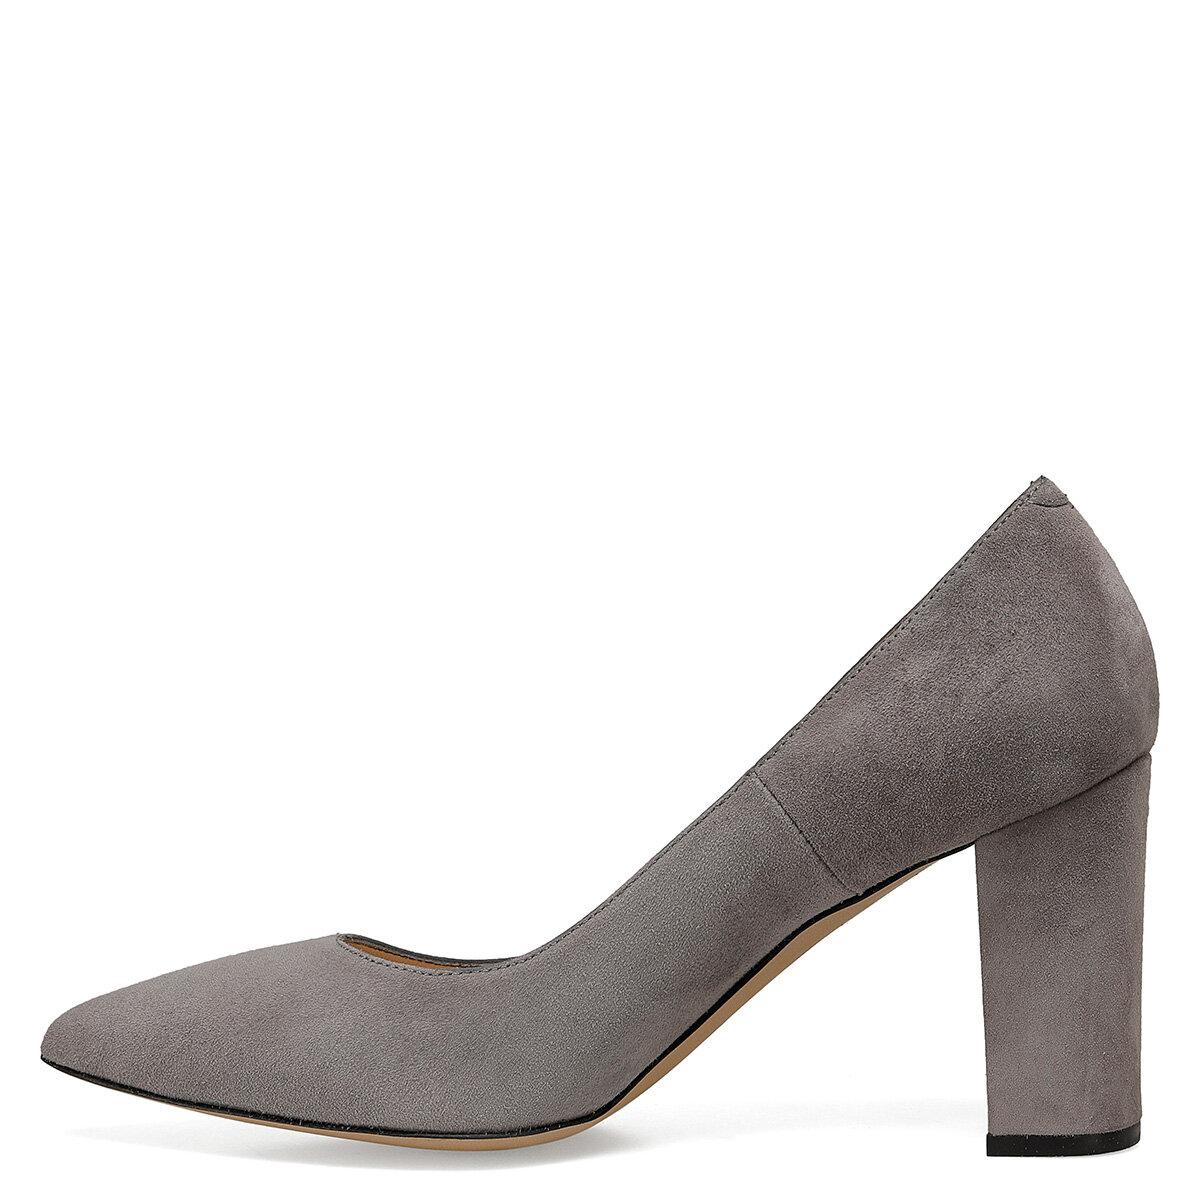 TORAS2 Gri Kadın Topuklu Ayakkabı